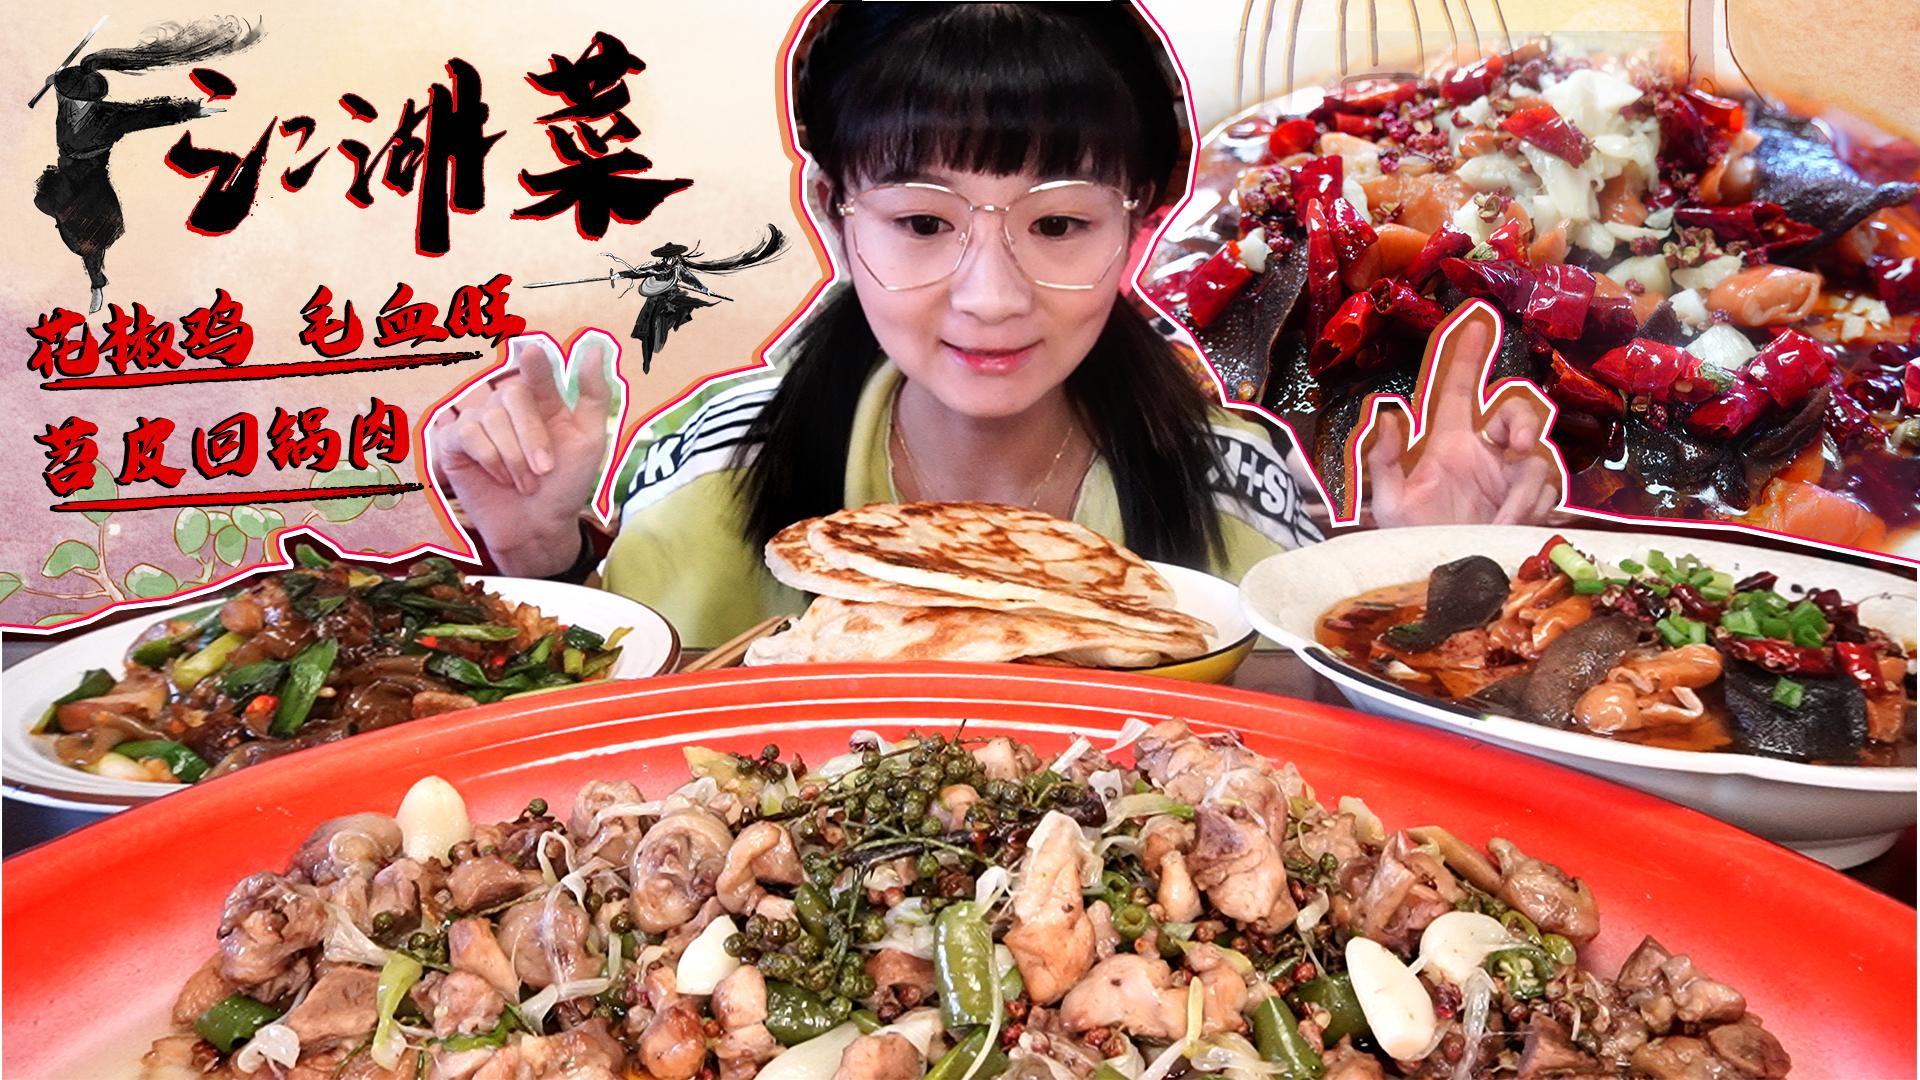 【小猪猪的vlog】宅家自制重庆江湖菜!花椒鸡、毛血旺、麻到爆!